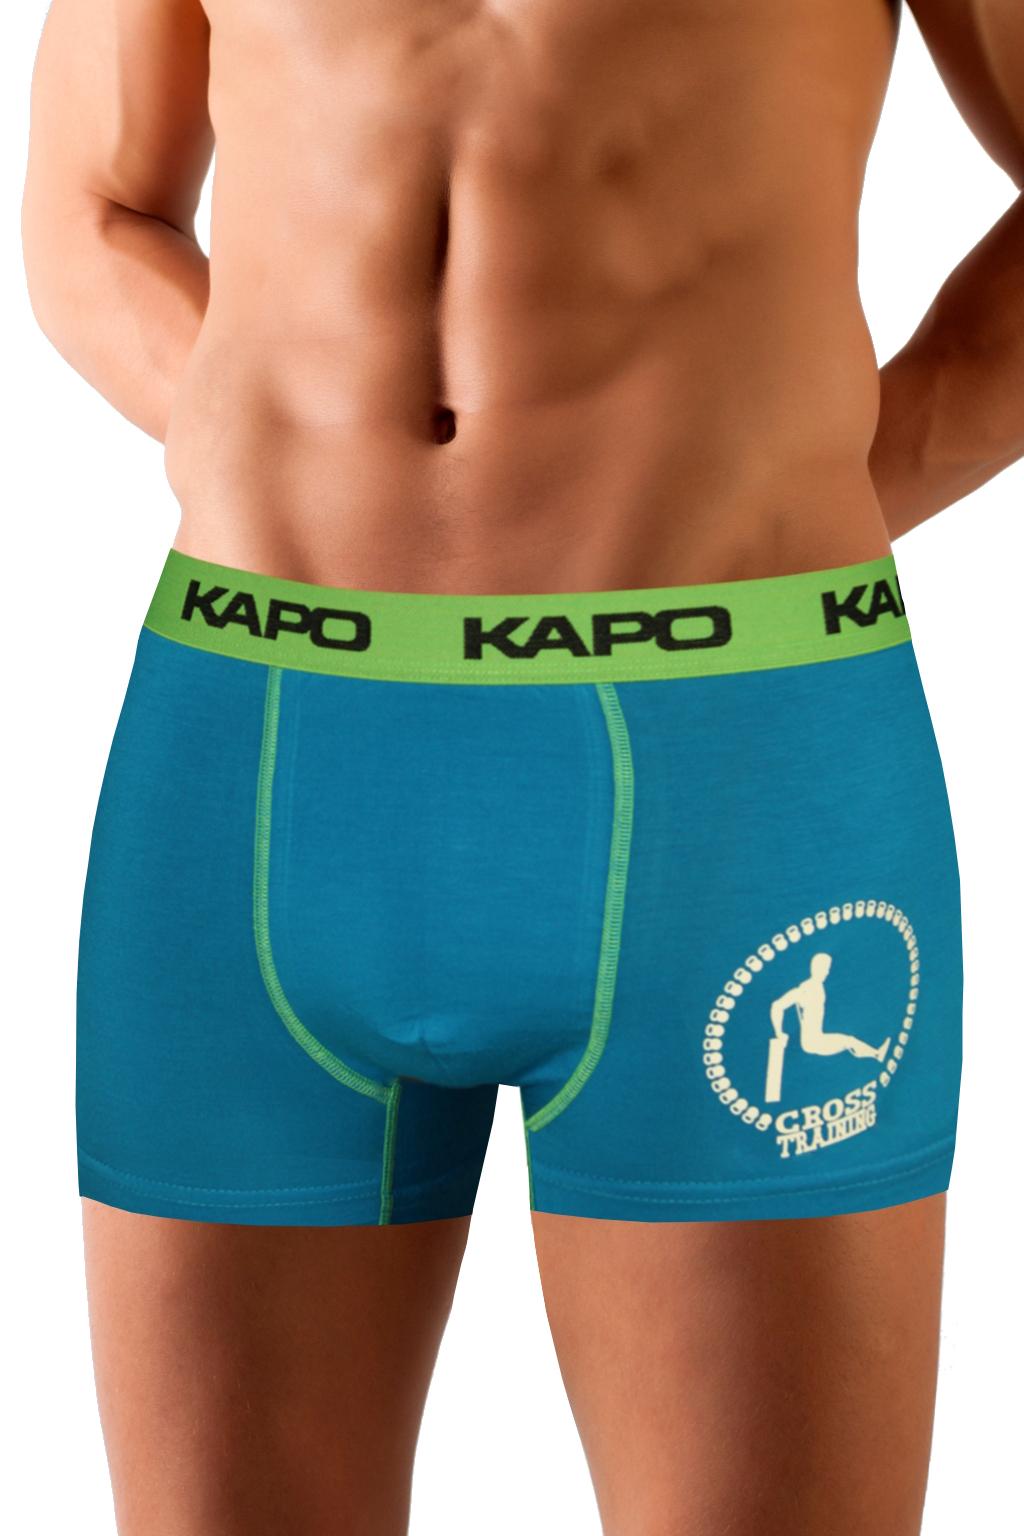 CrossTraining KAPO bambus boxerky zelená XL